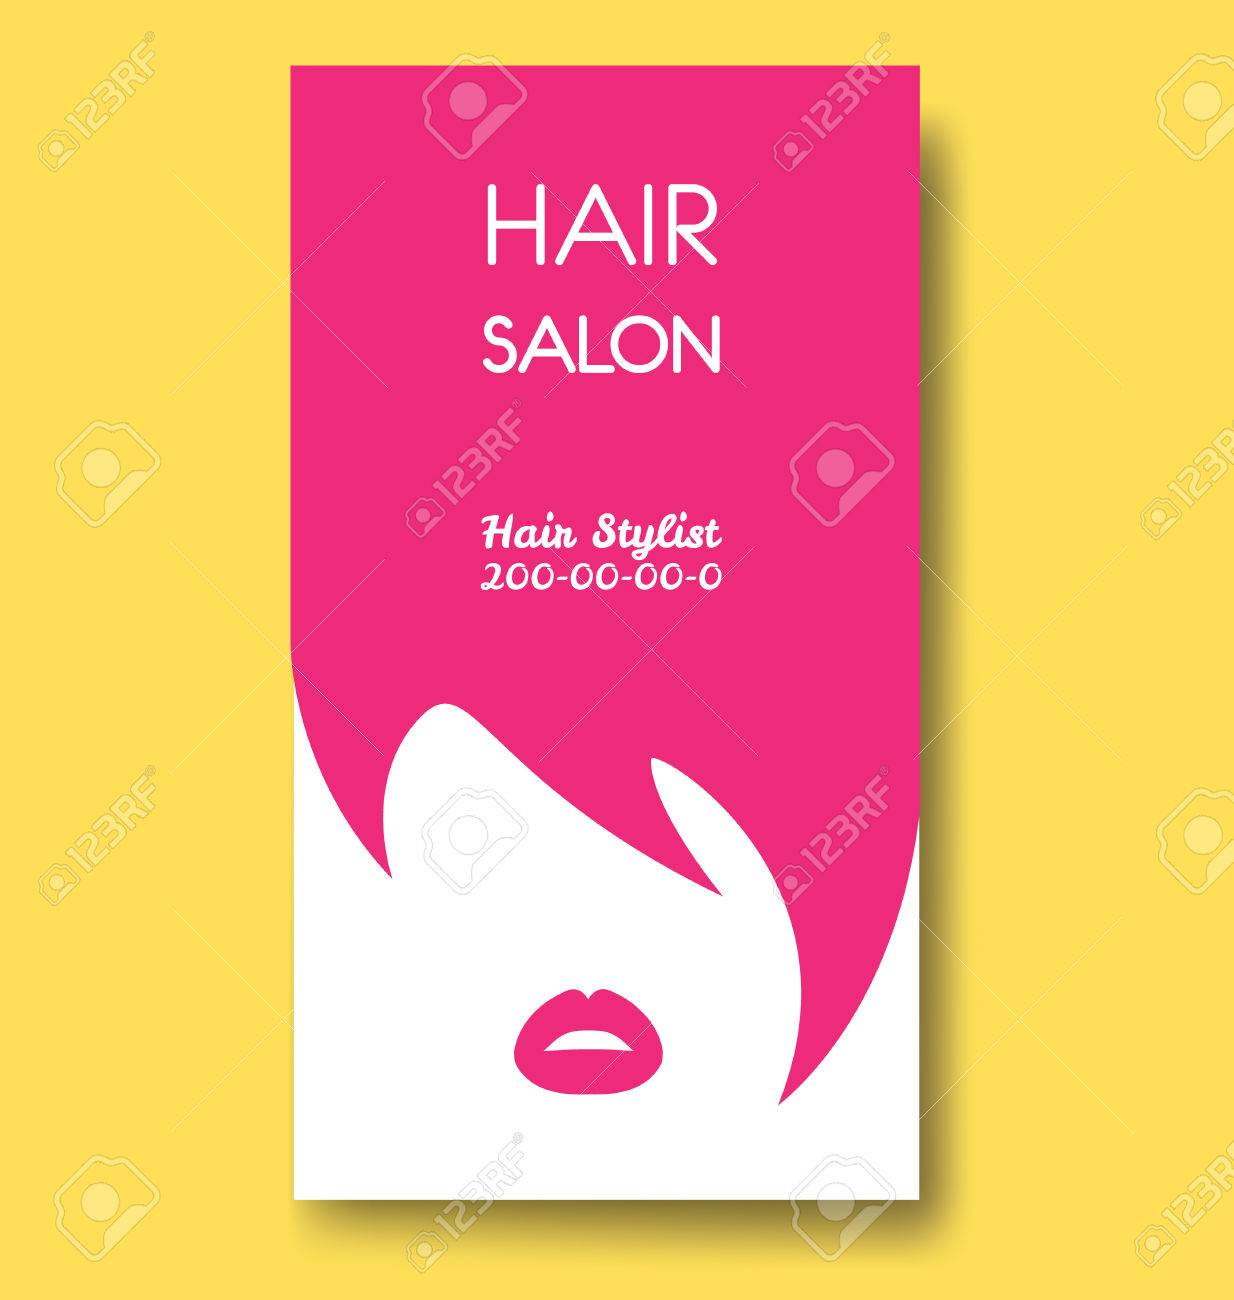 Modele De Carte Visite Salon Coiffure Avec Les Cheveux